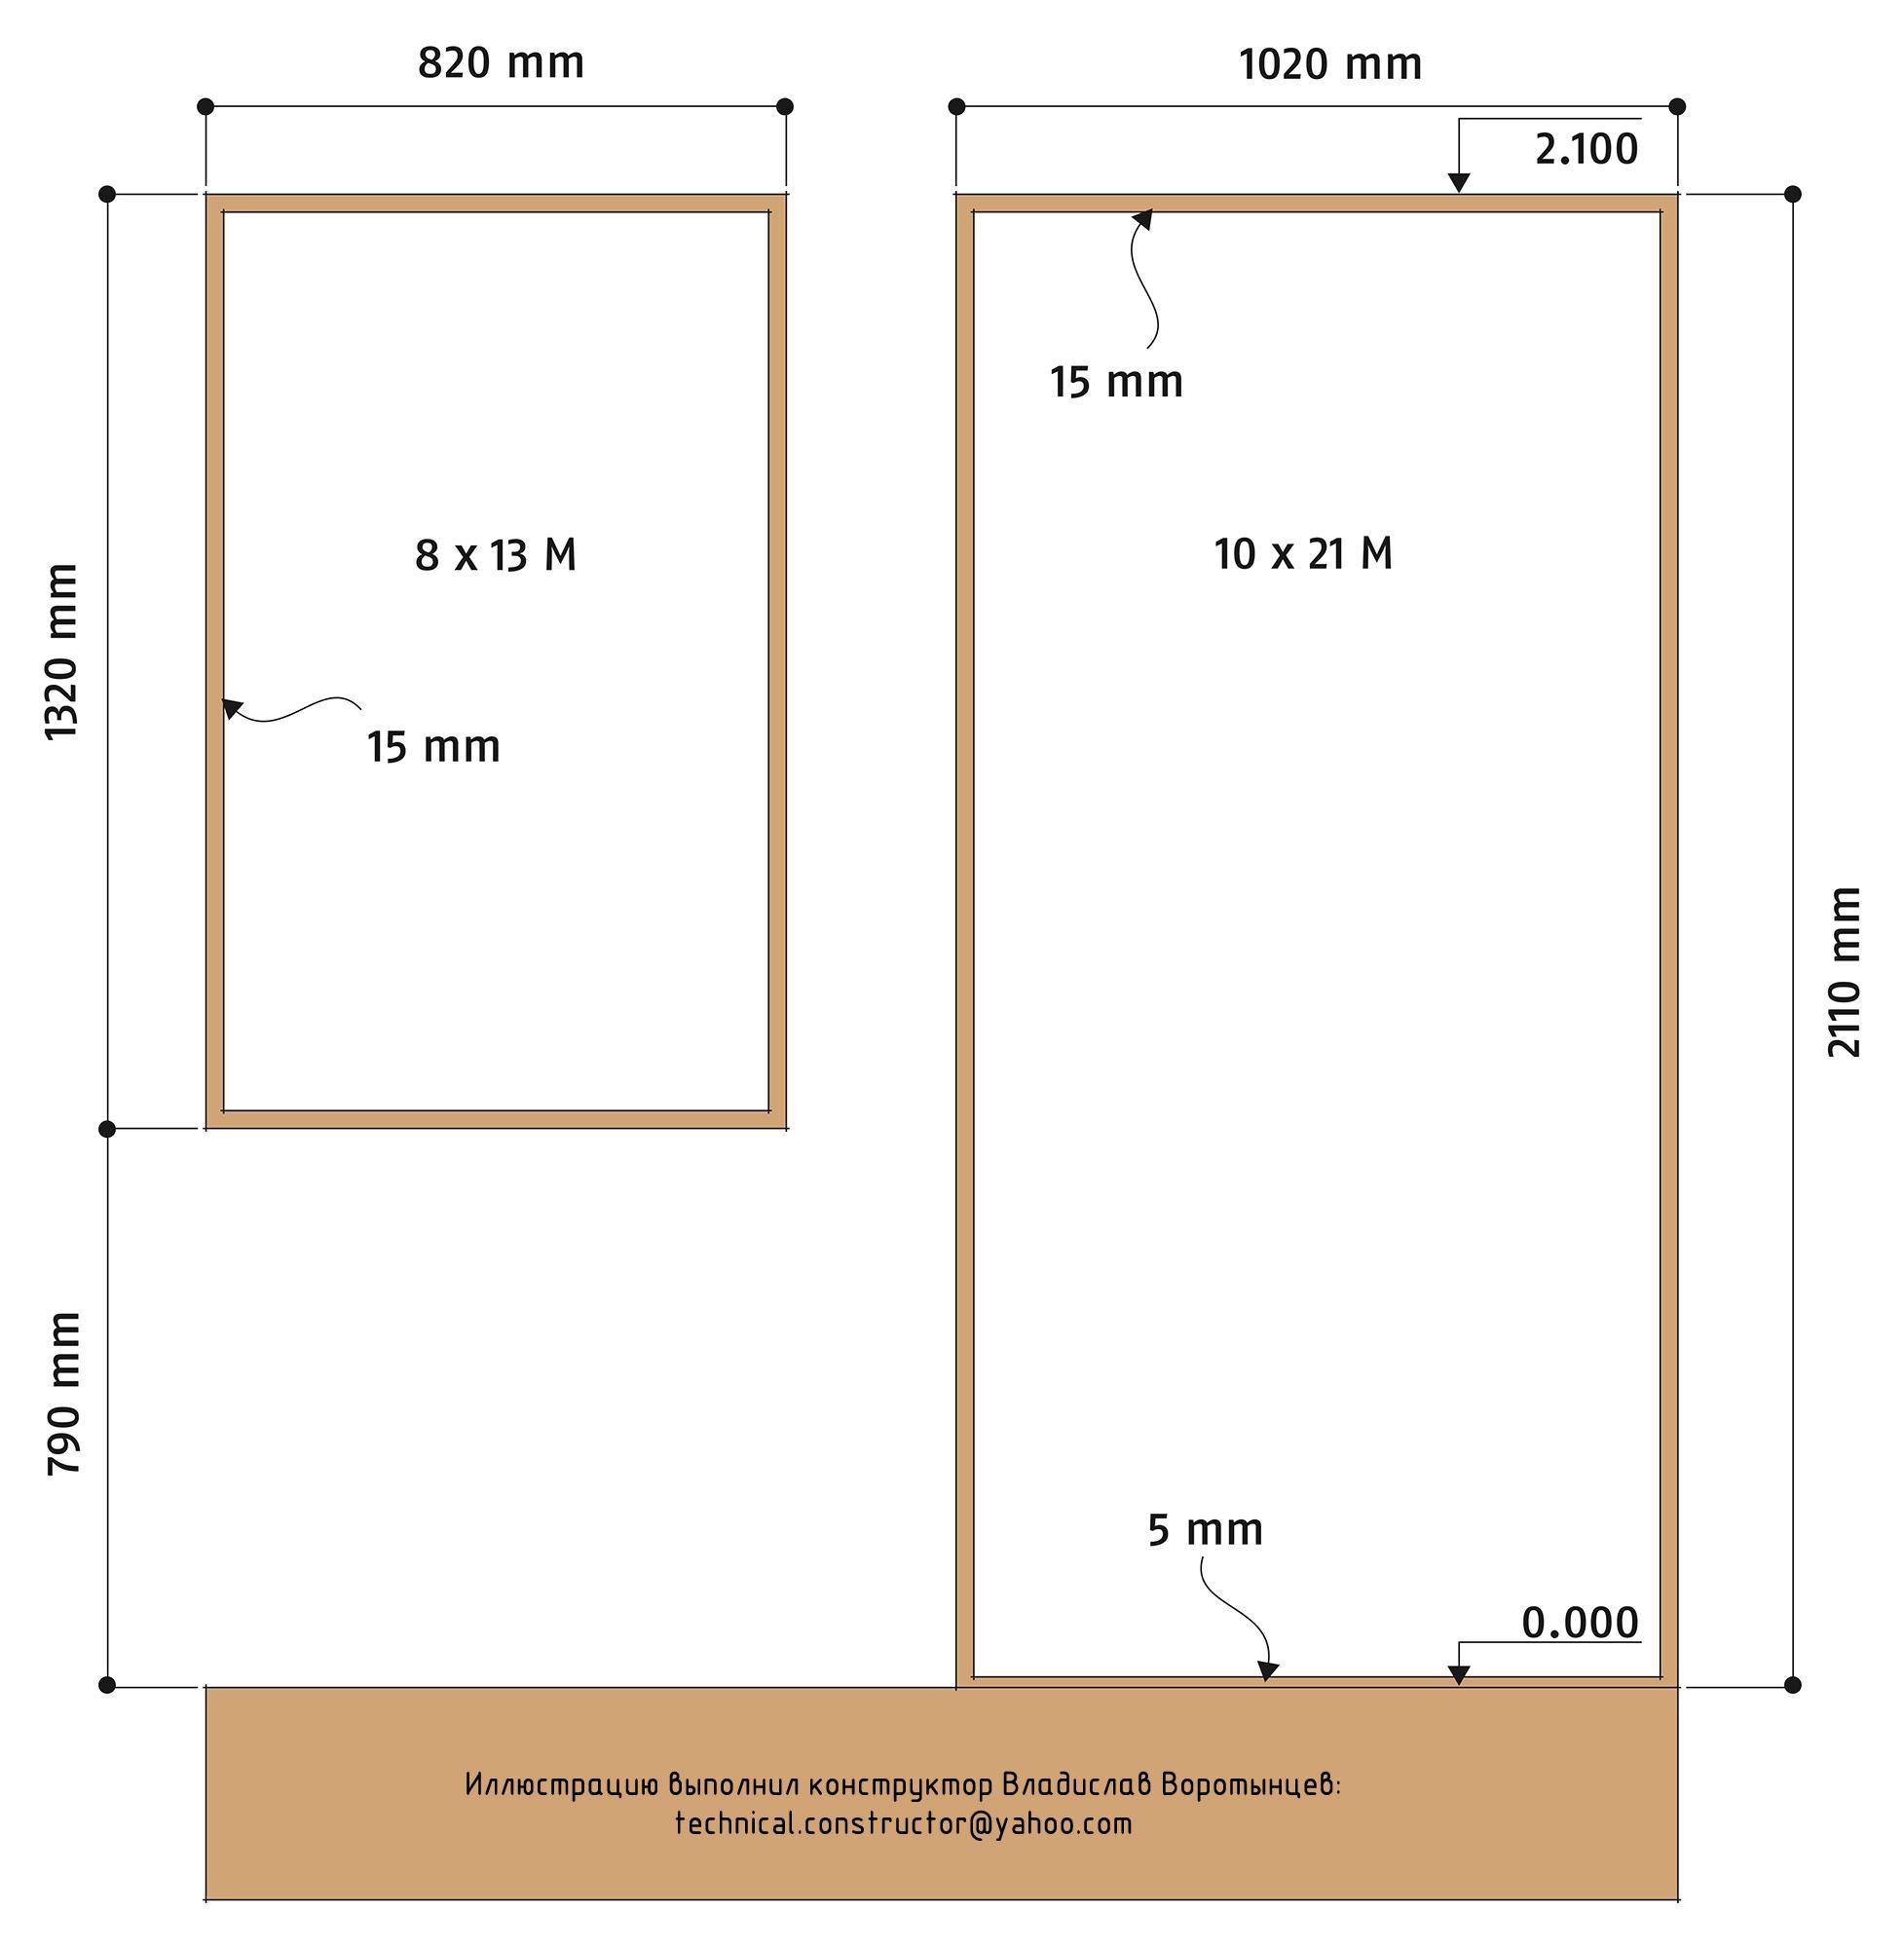 Рис. 9.19 Толщина монтажных зазоров, стандартная высота дверной / оконной перемычки от уровня чистового пола. Размеры дверных и оконных проёмов. Монтажные зазоры